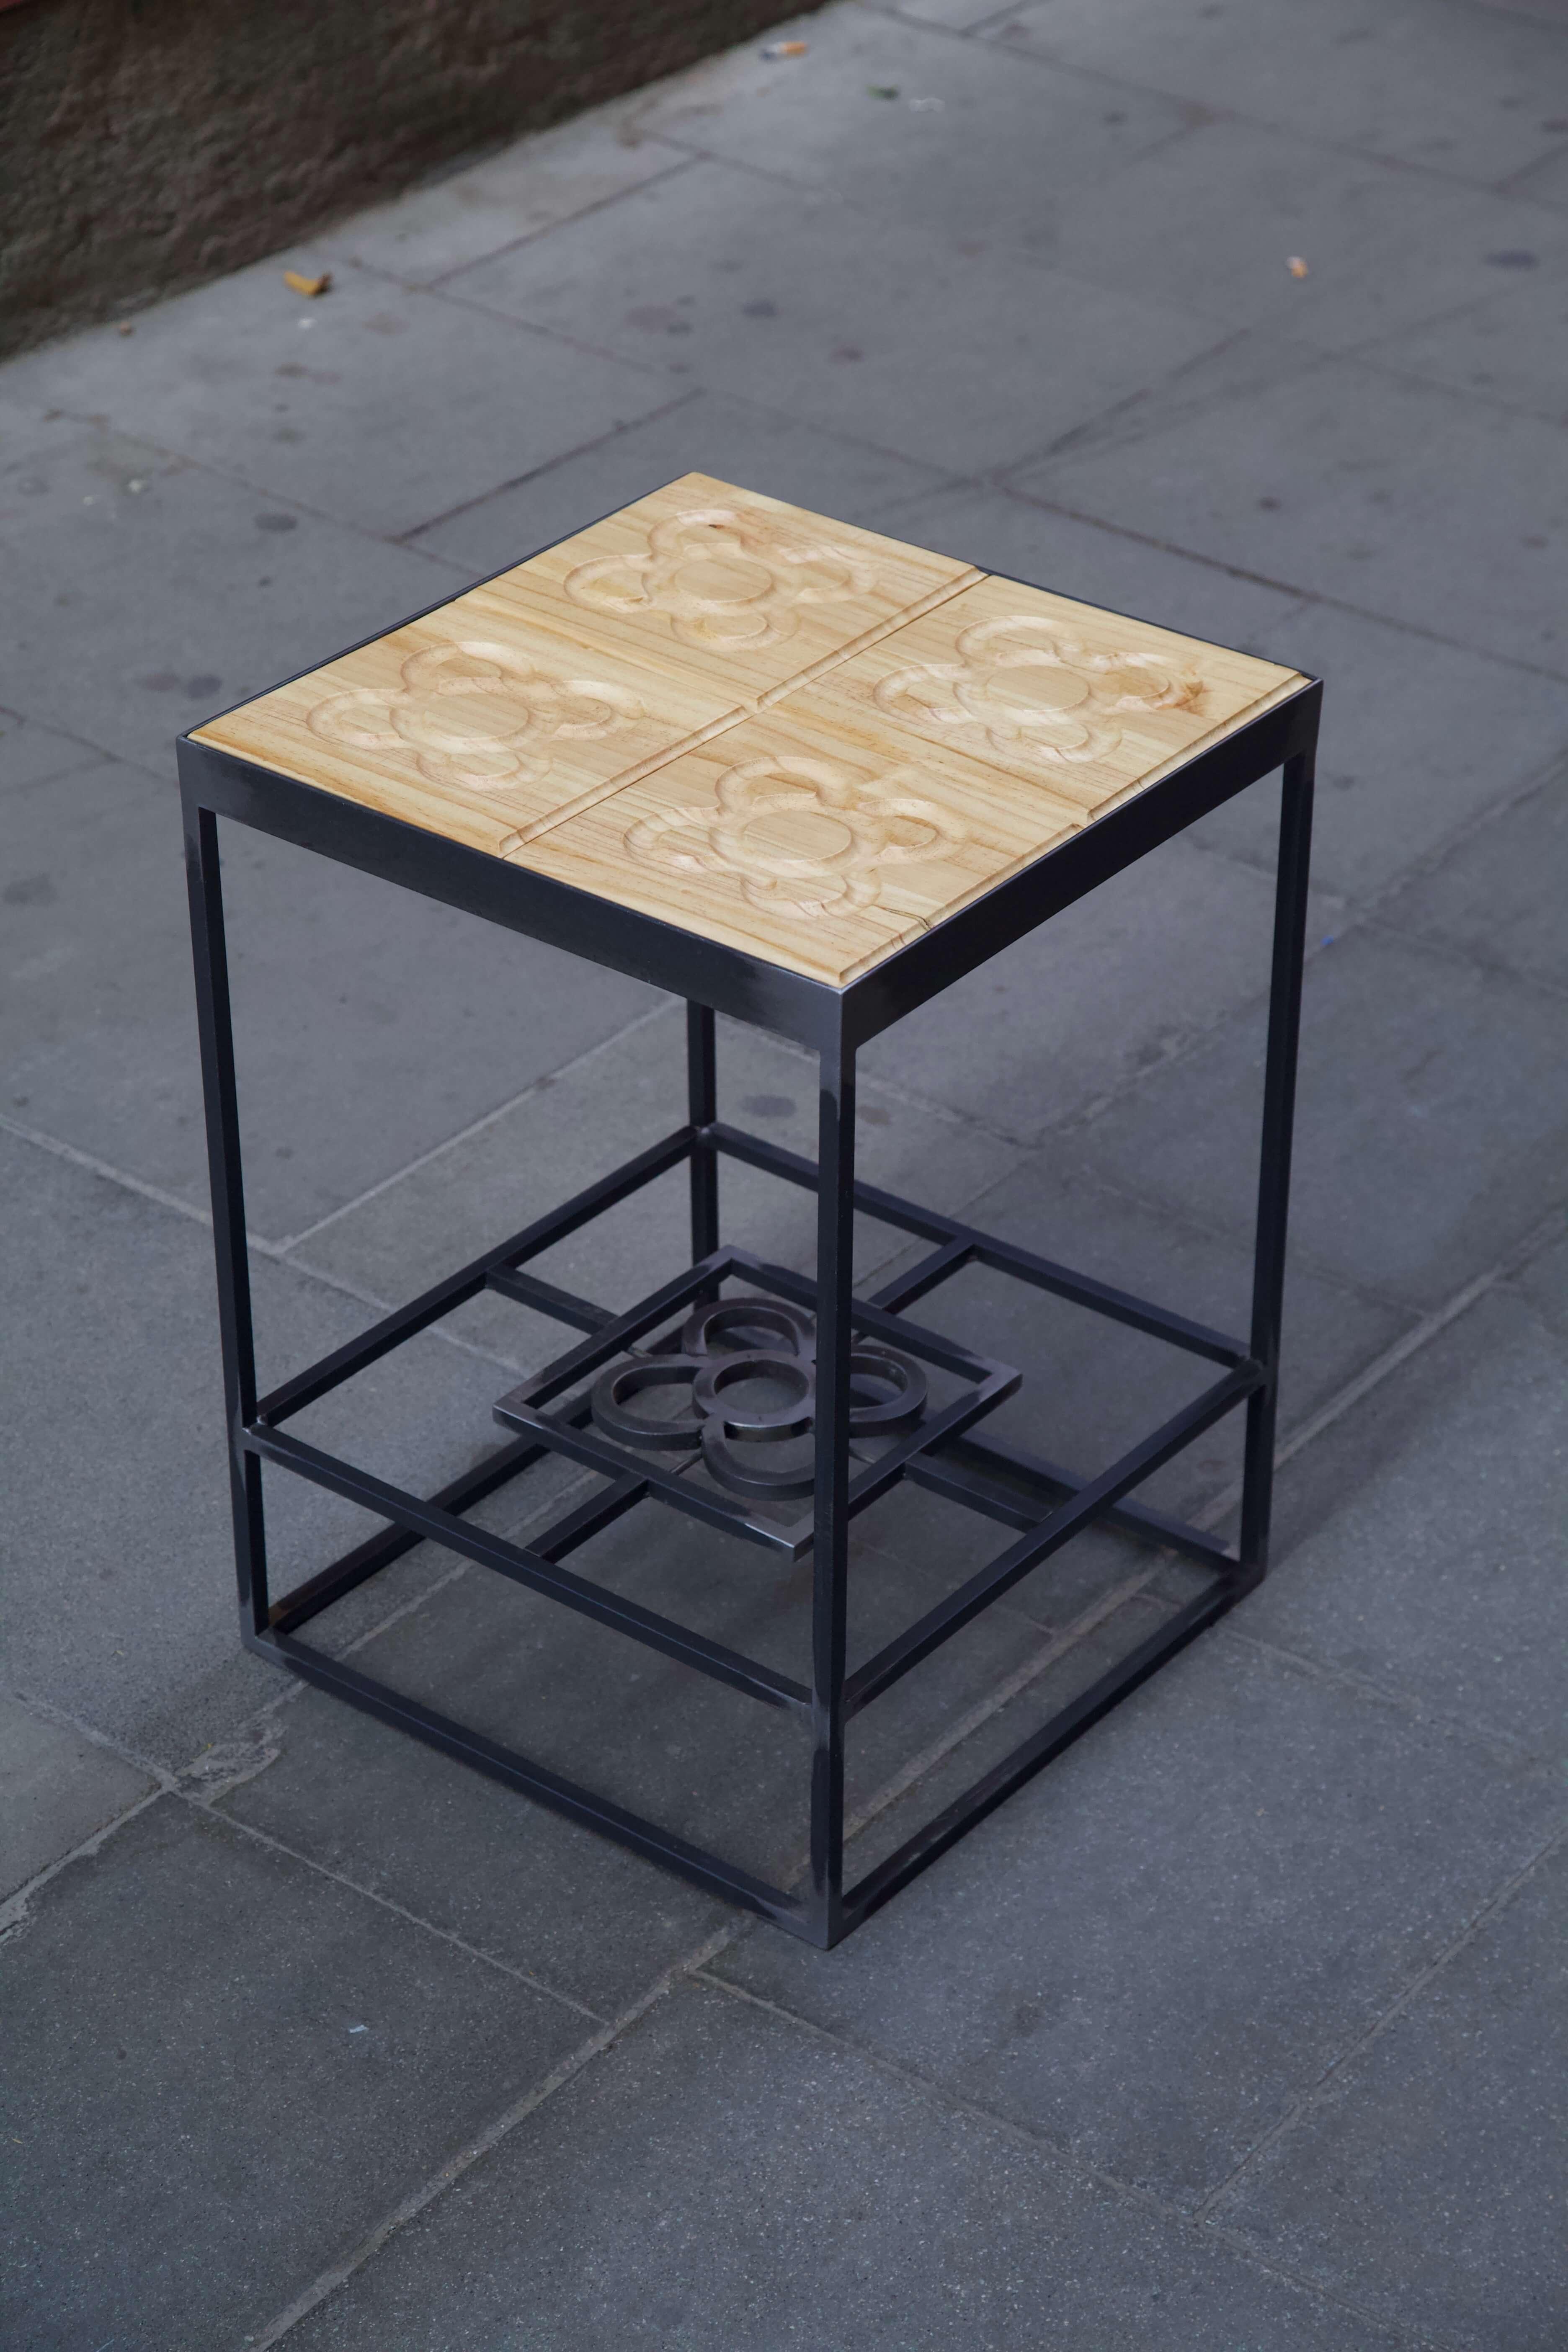 Mesa hecha con estructura de hierro y panots flor de barcelona en madera desde arriba en diagonal